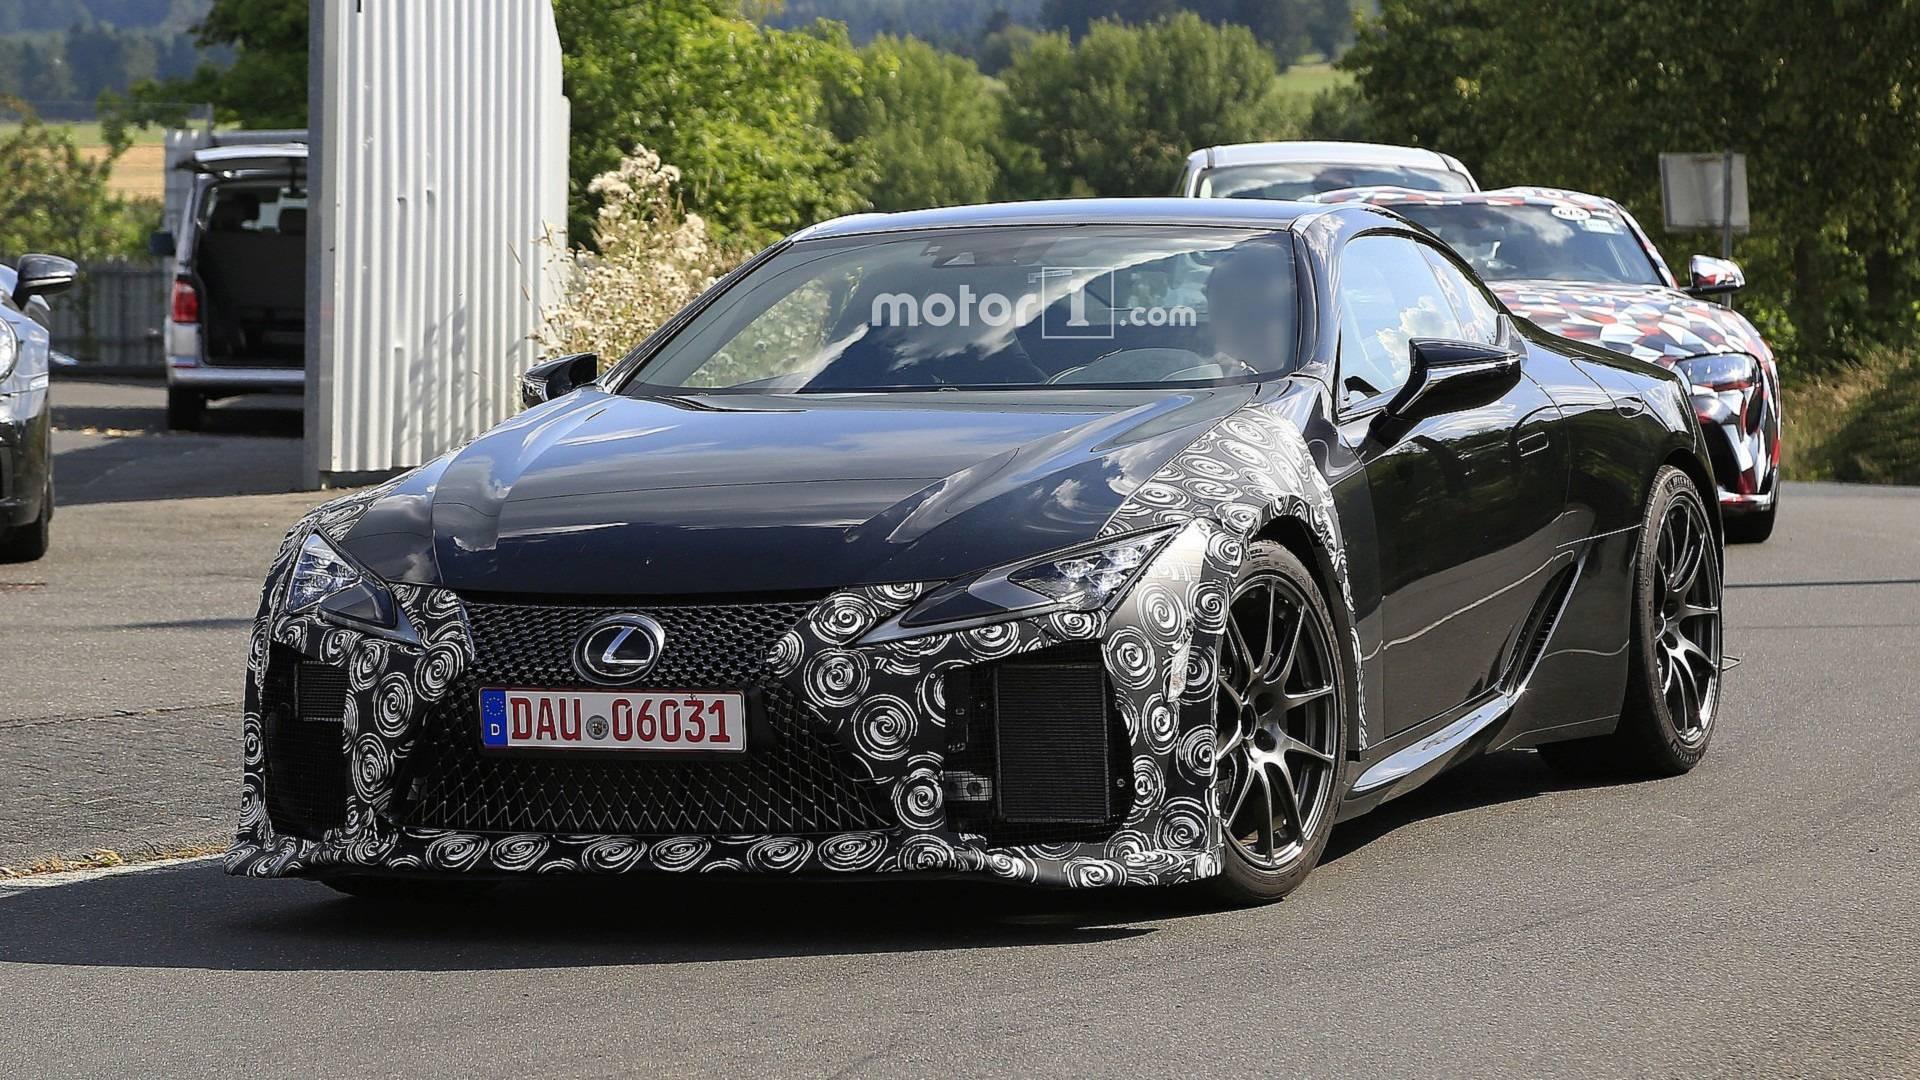 Lexus Lc F Spotted Hiding Aggressive Front Fascia